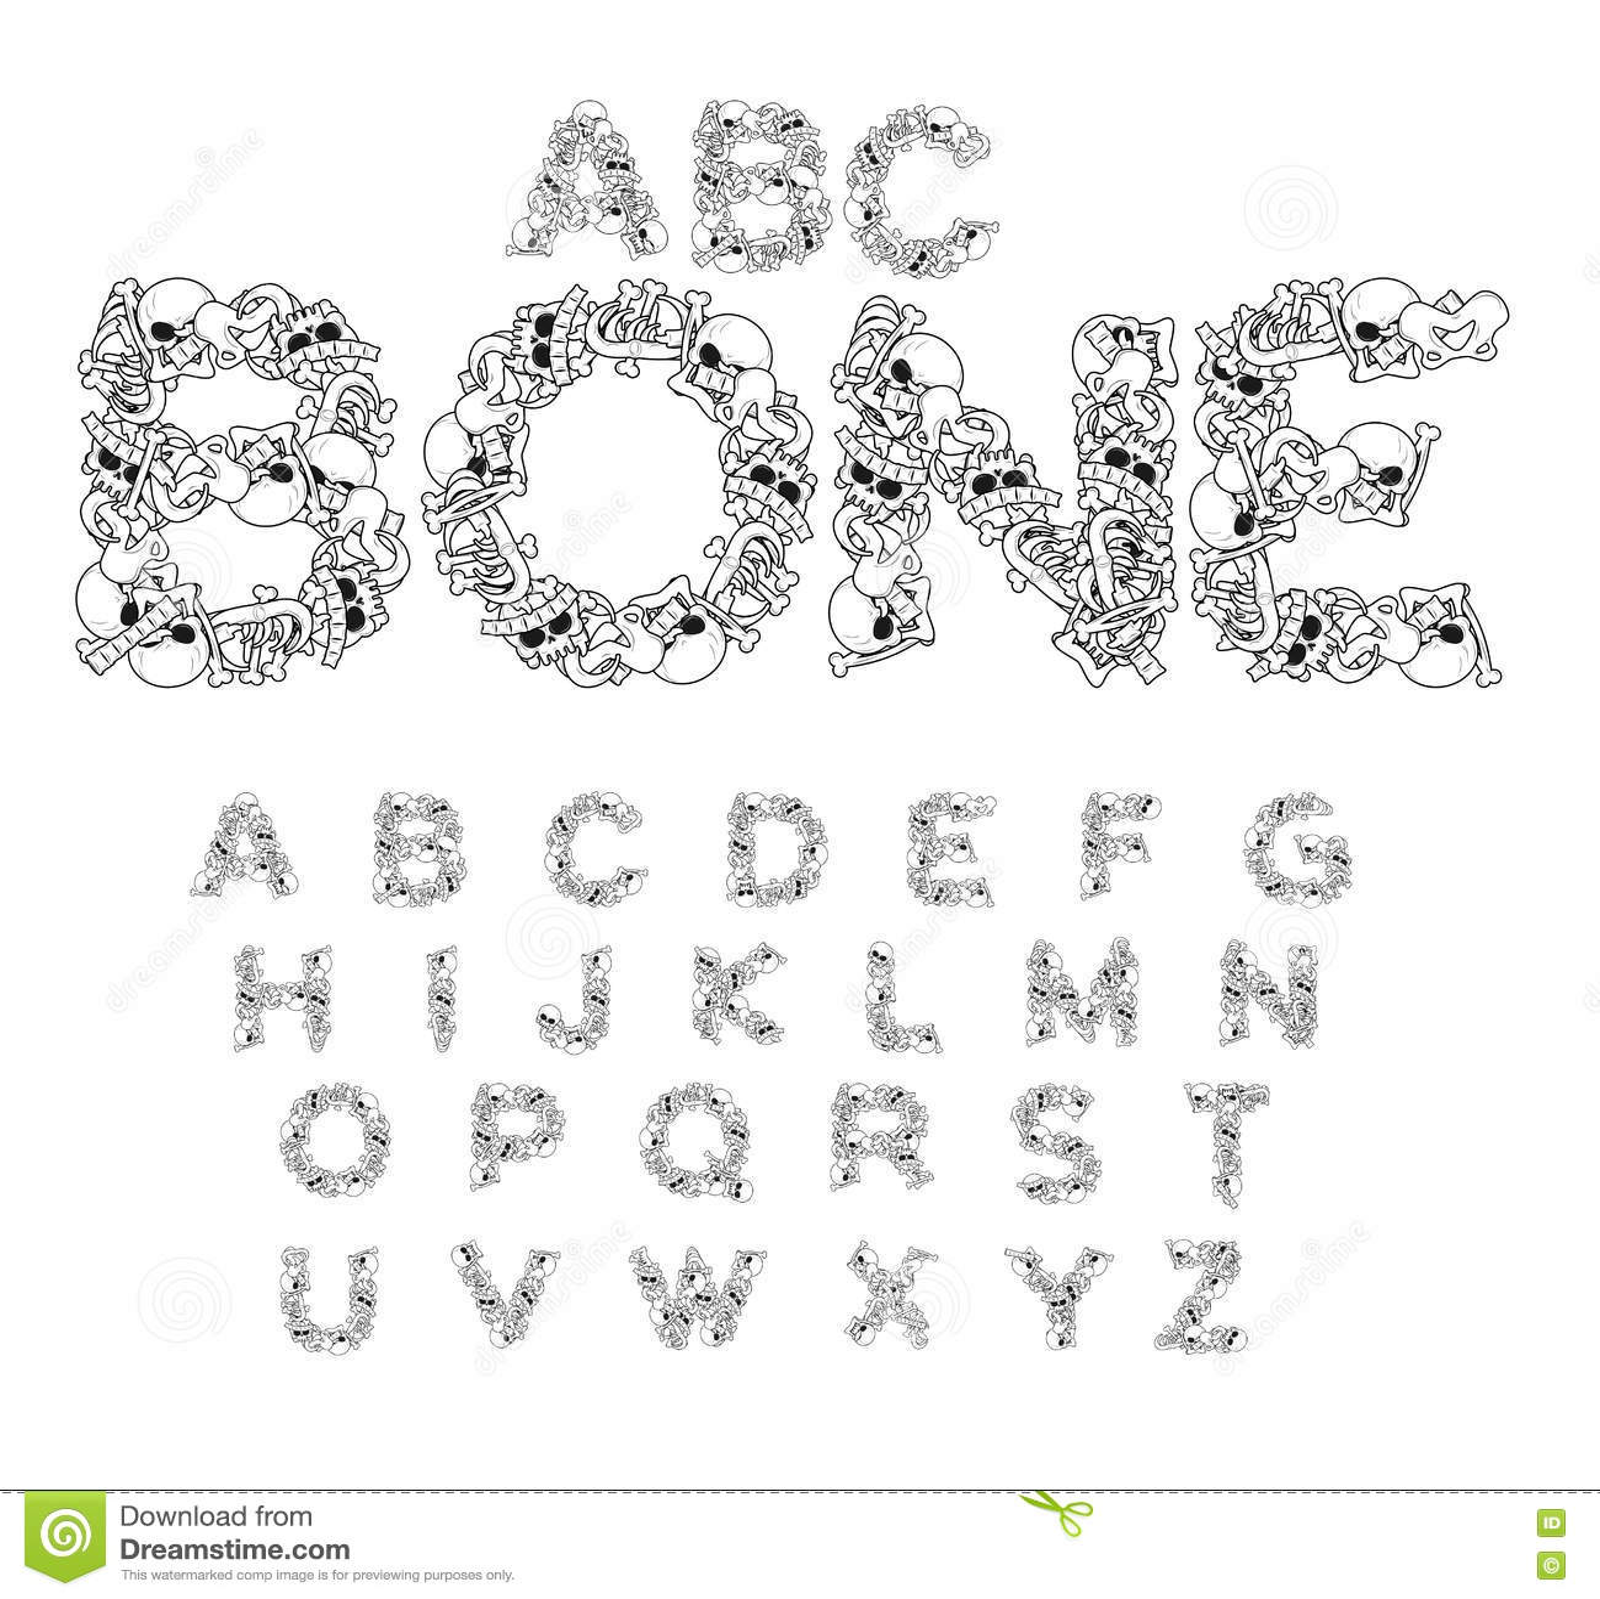 Knochen ABC Skeleton Guss Beschriftet Anatomie Schädel Und Dorn ...